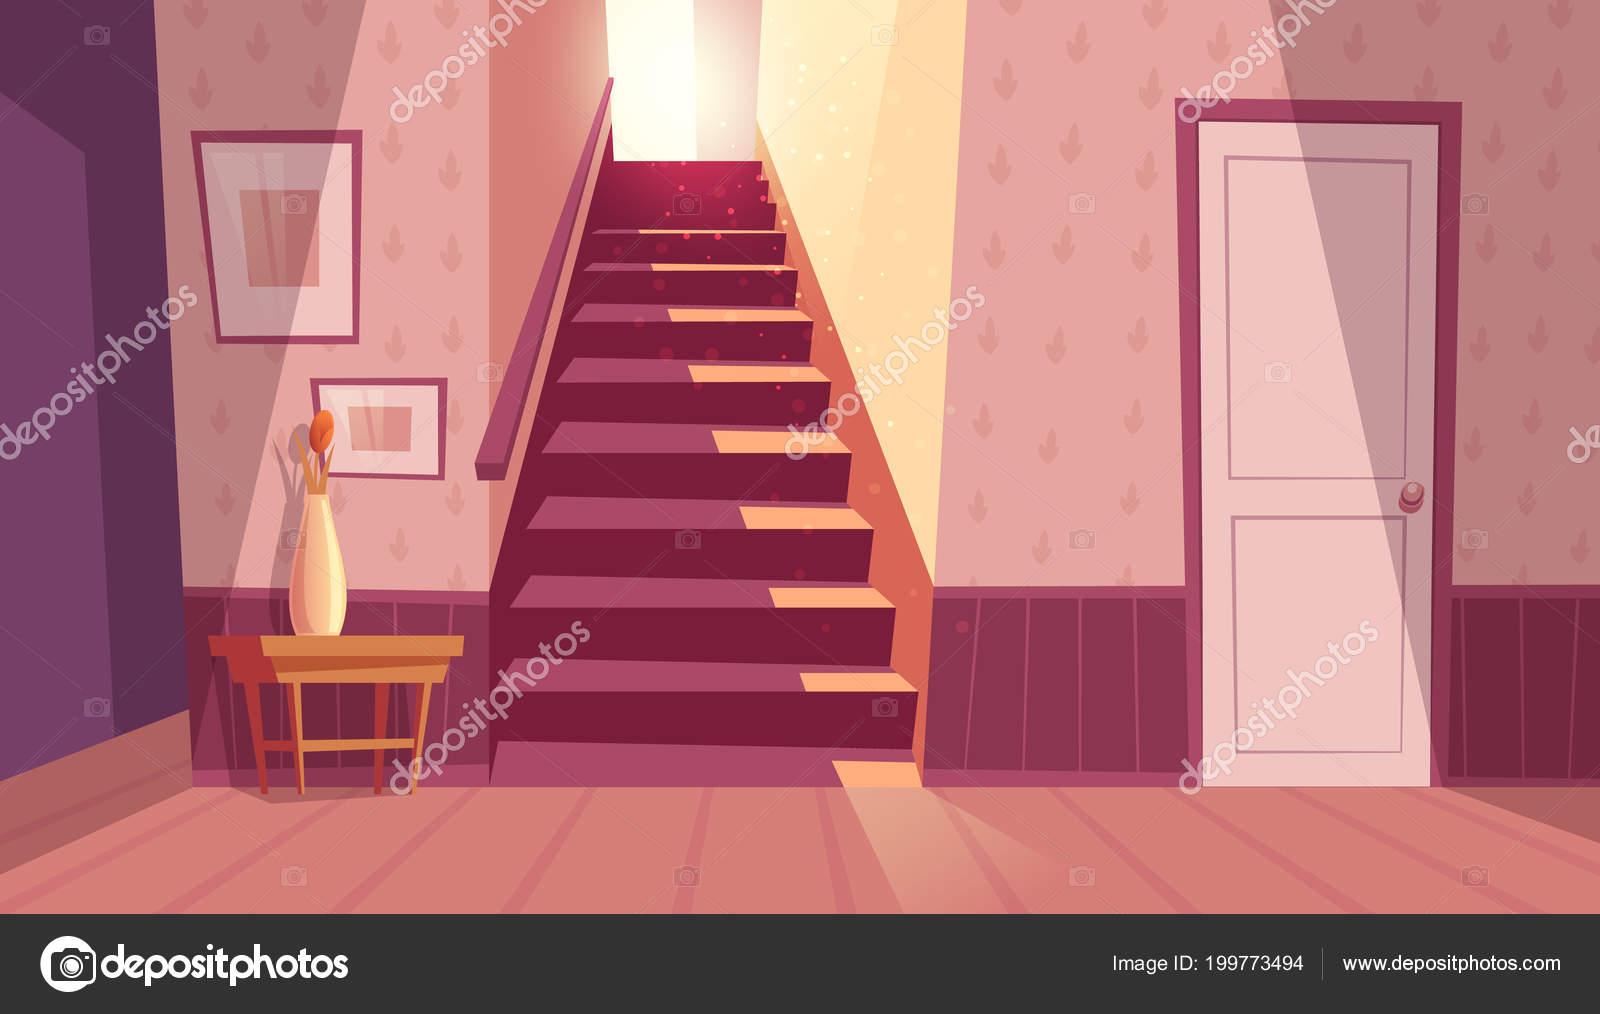 Escalier Dans La Maison intérieur de vecteur avec escalier, escalier dans la maison